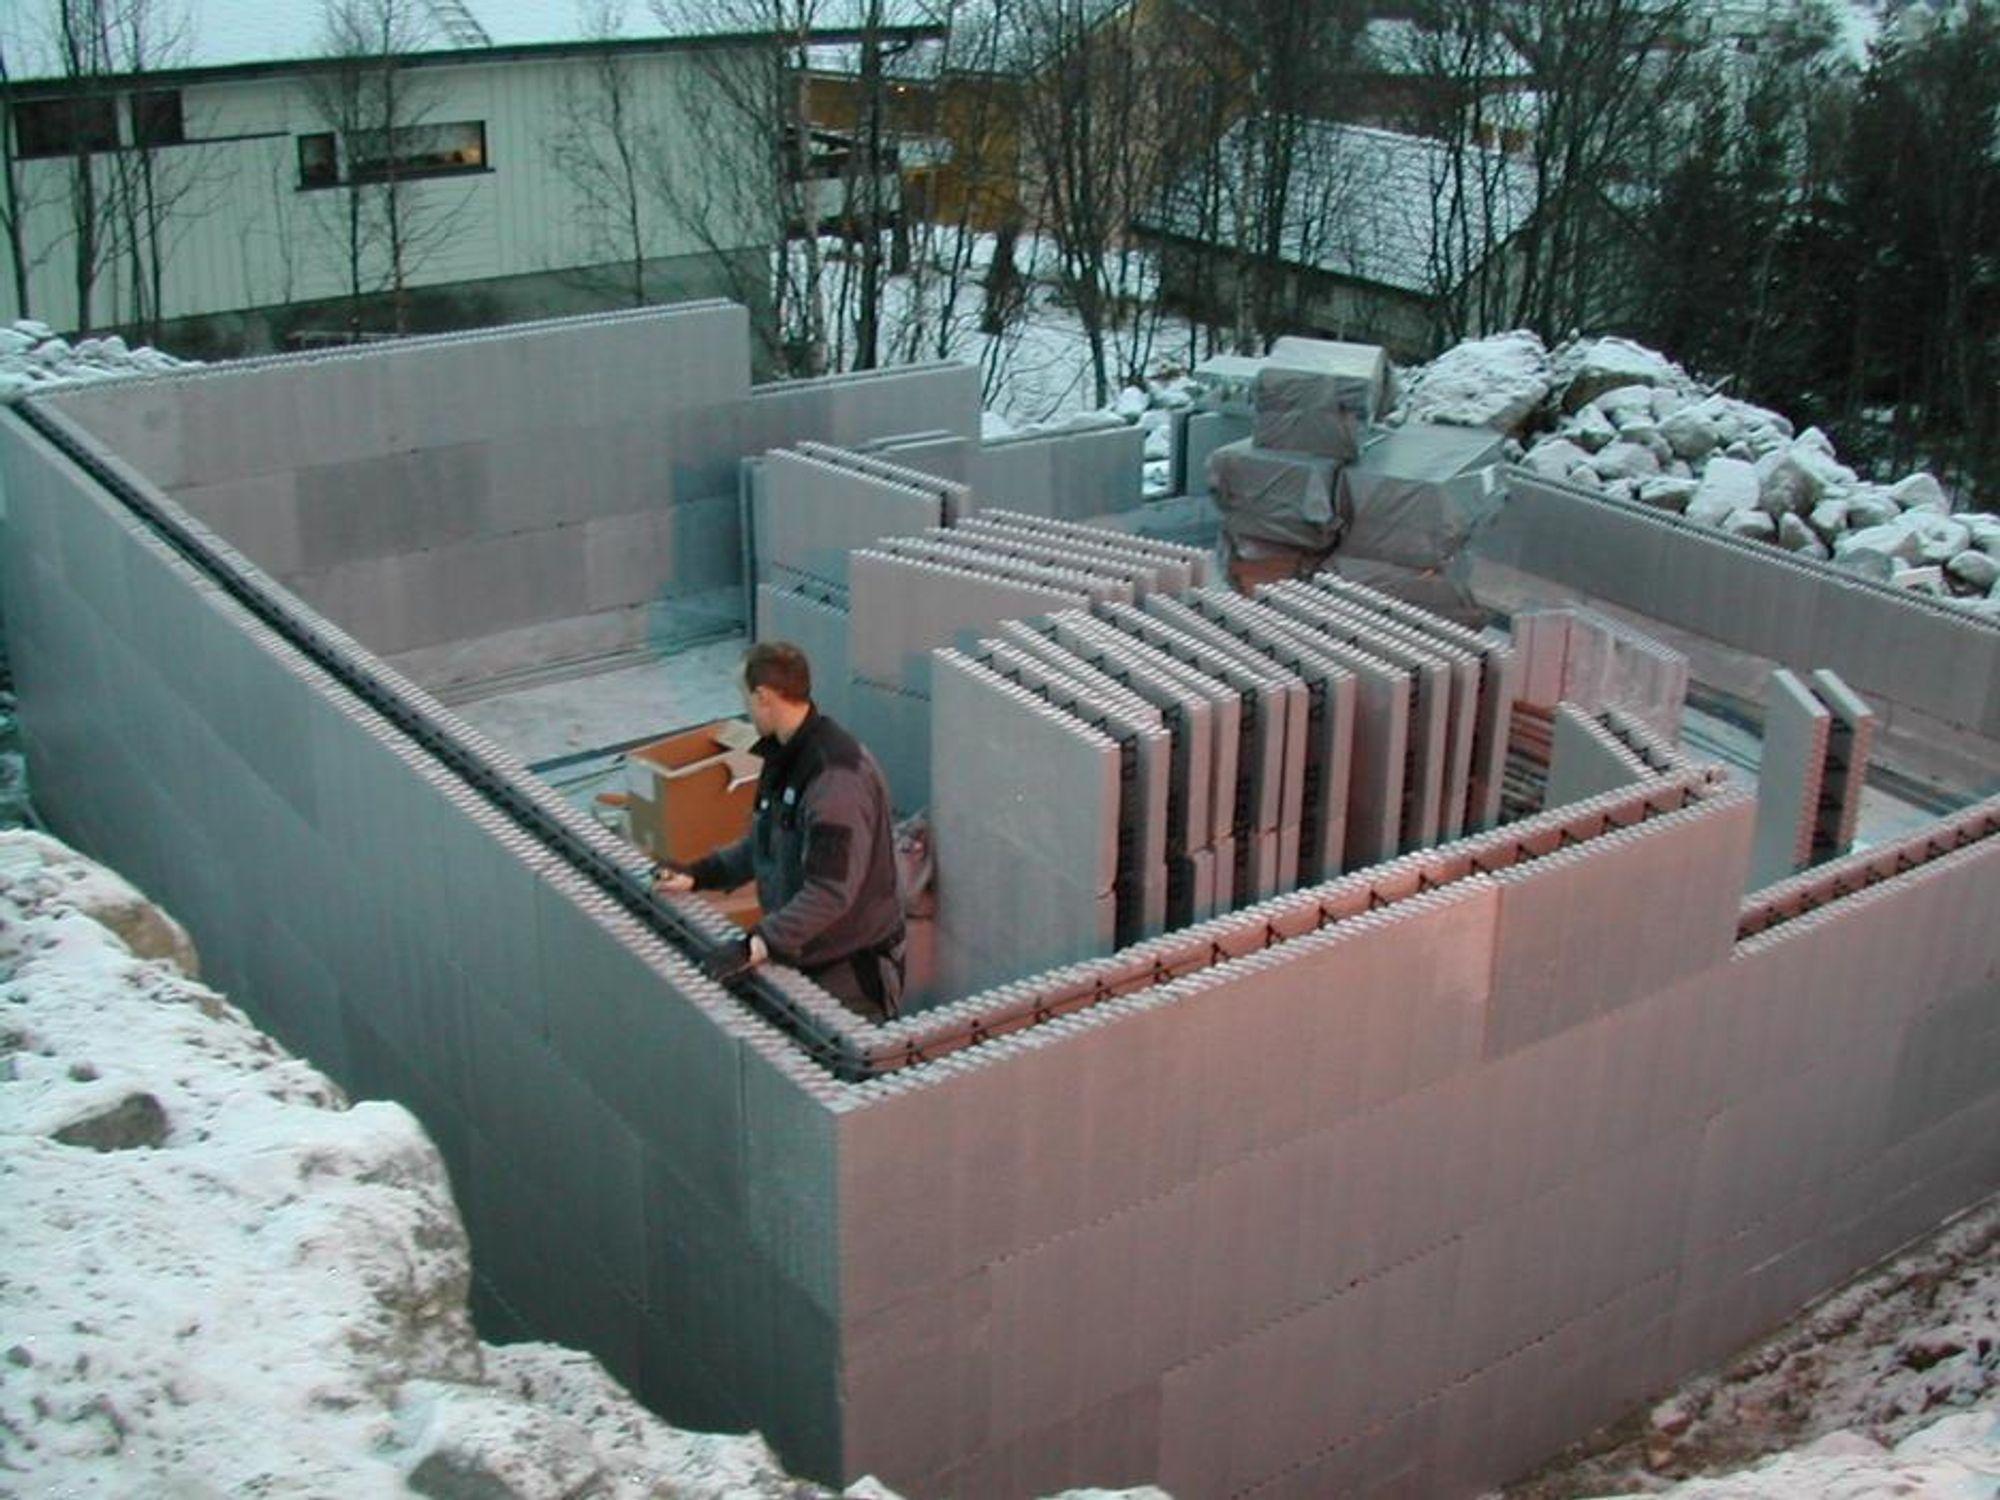 SUNN OG SIKKER: Forskriftsmessig montert er Iglosystemet miljøvennlig med stor brannmotstand.